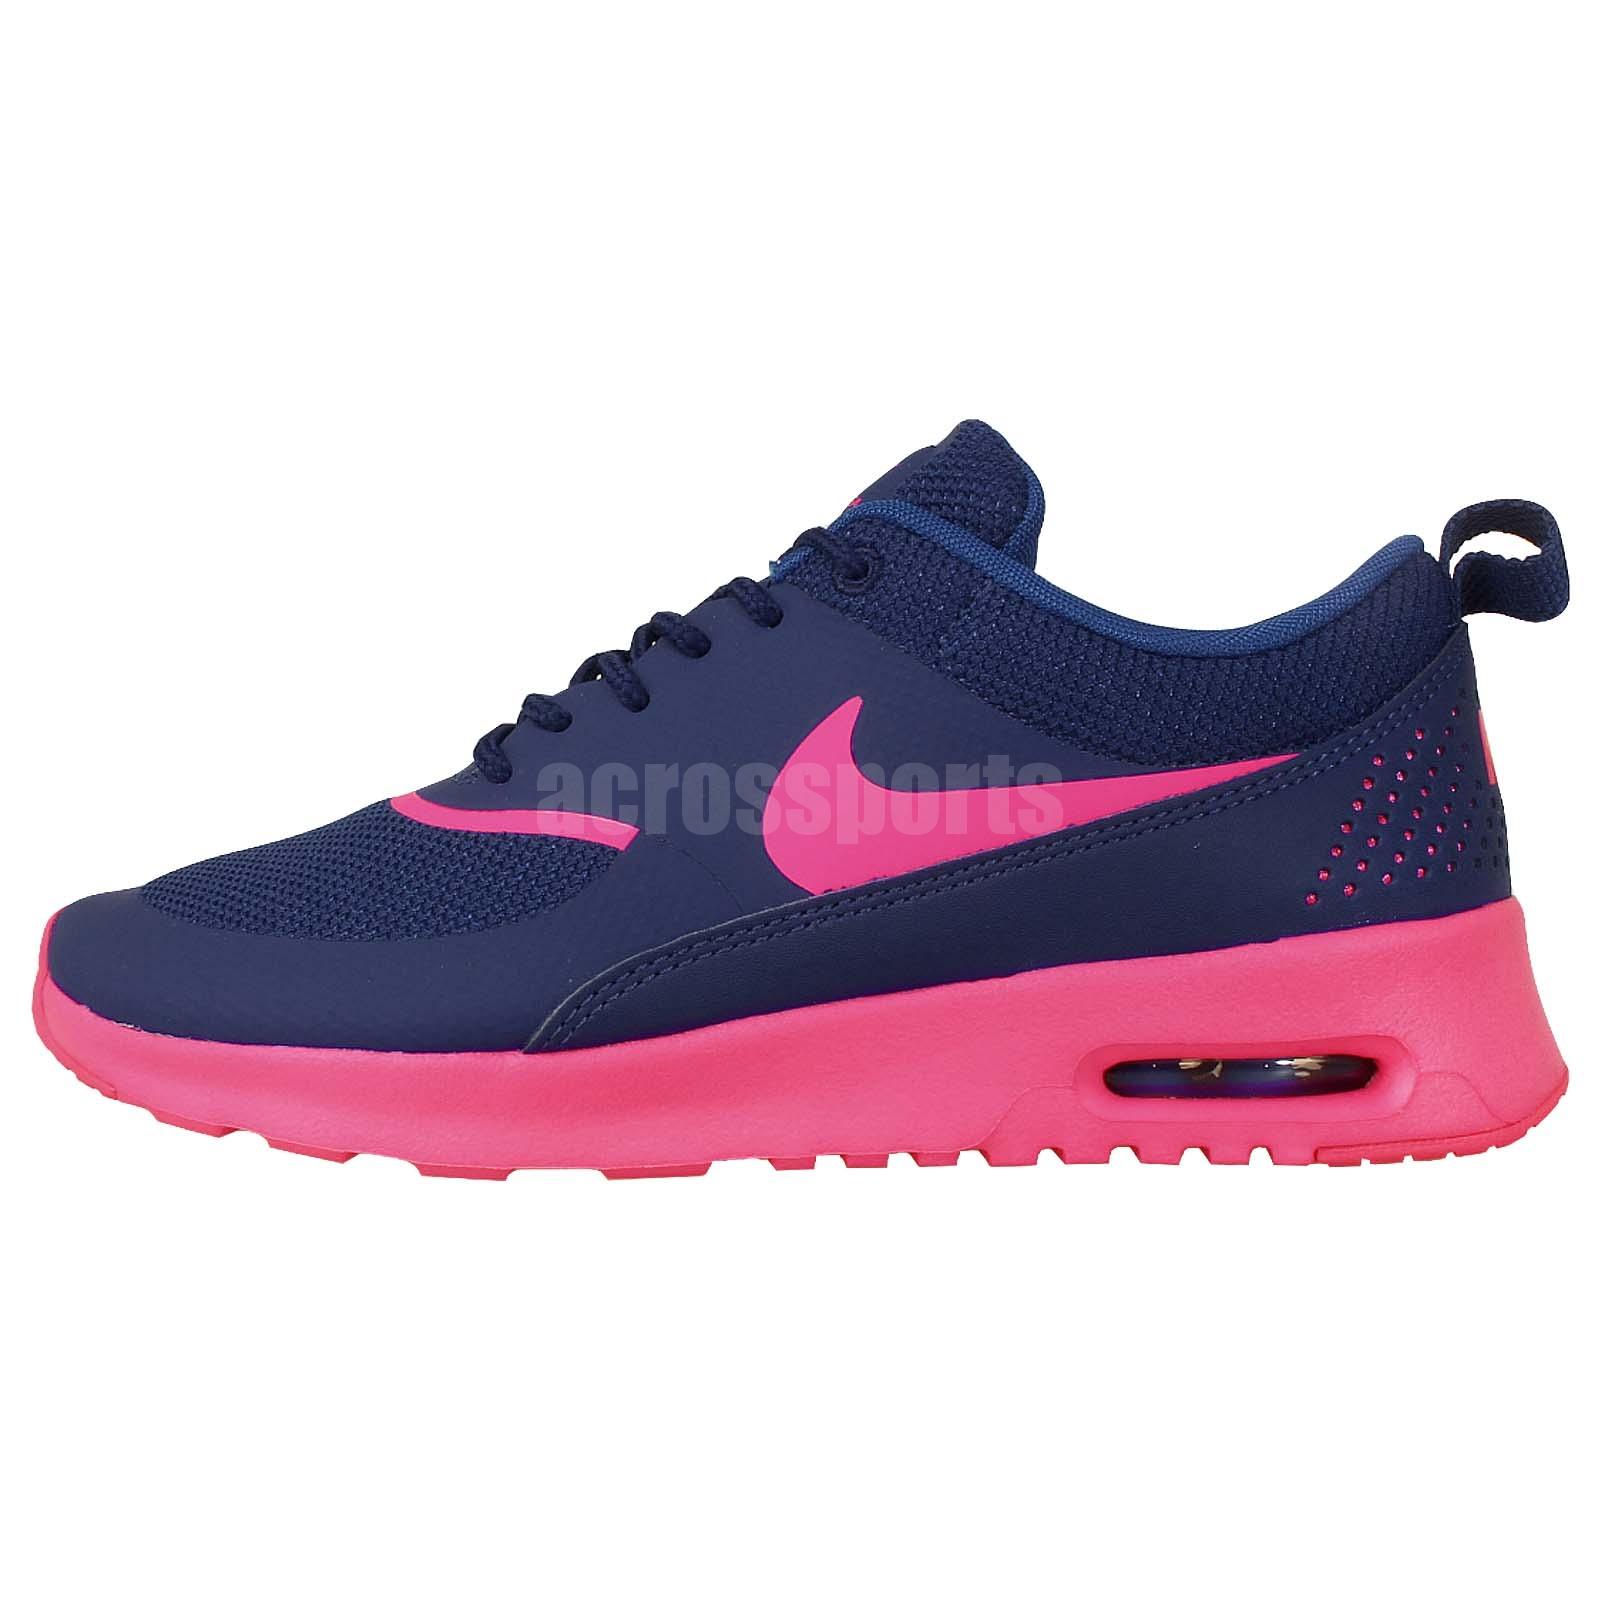 Nike Air Max Womens 2014